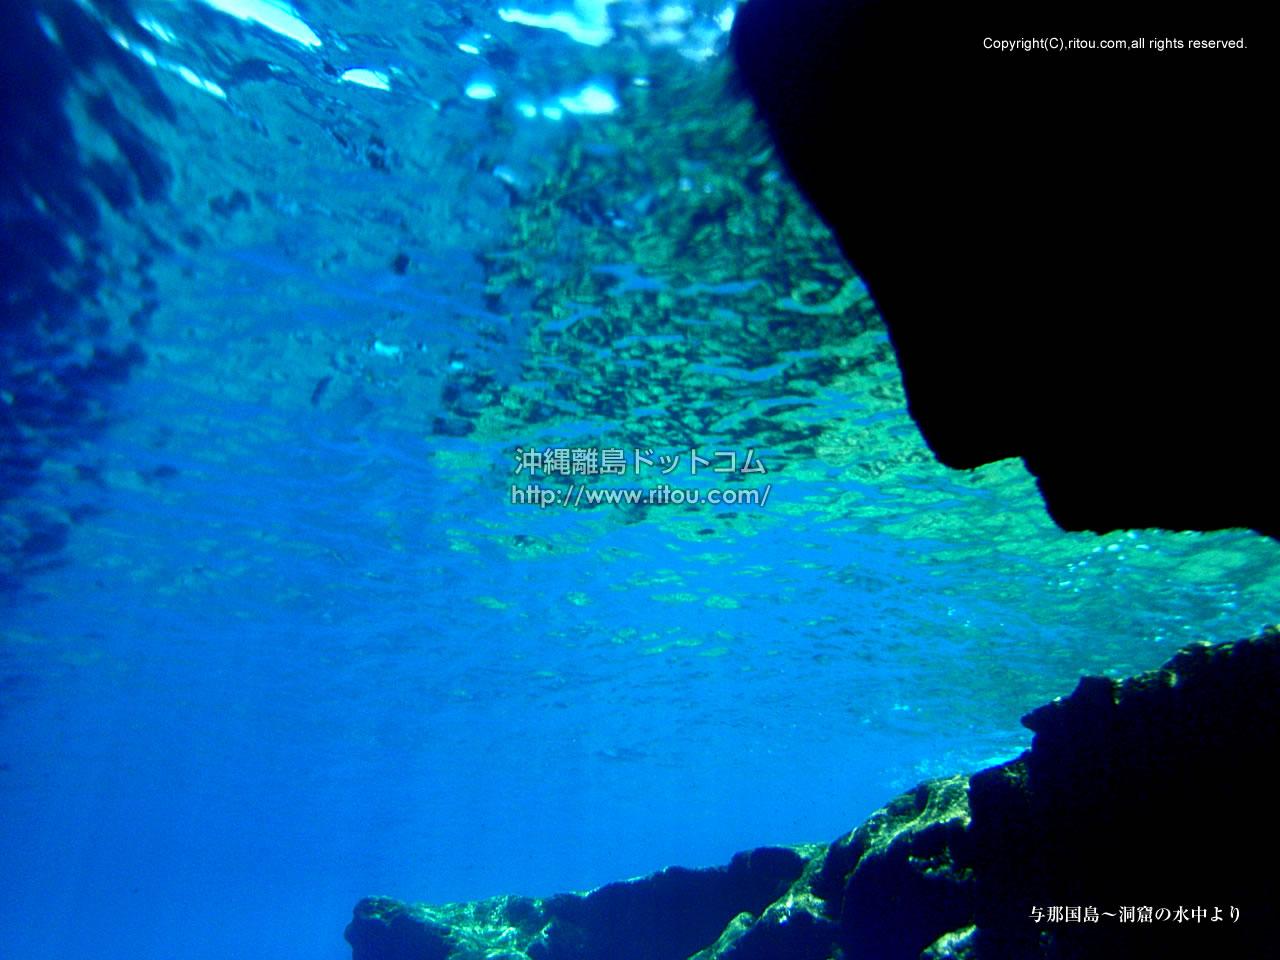 与那国島~洞窟の水面裏 - 沖縄 ...